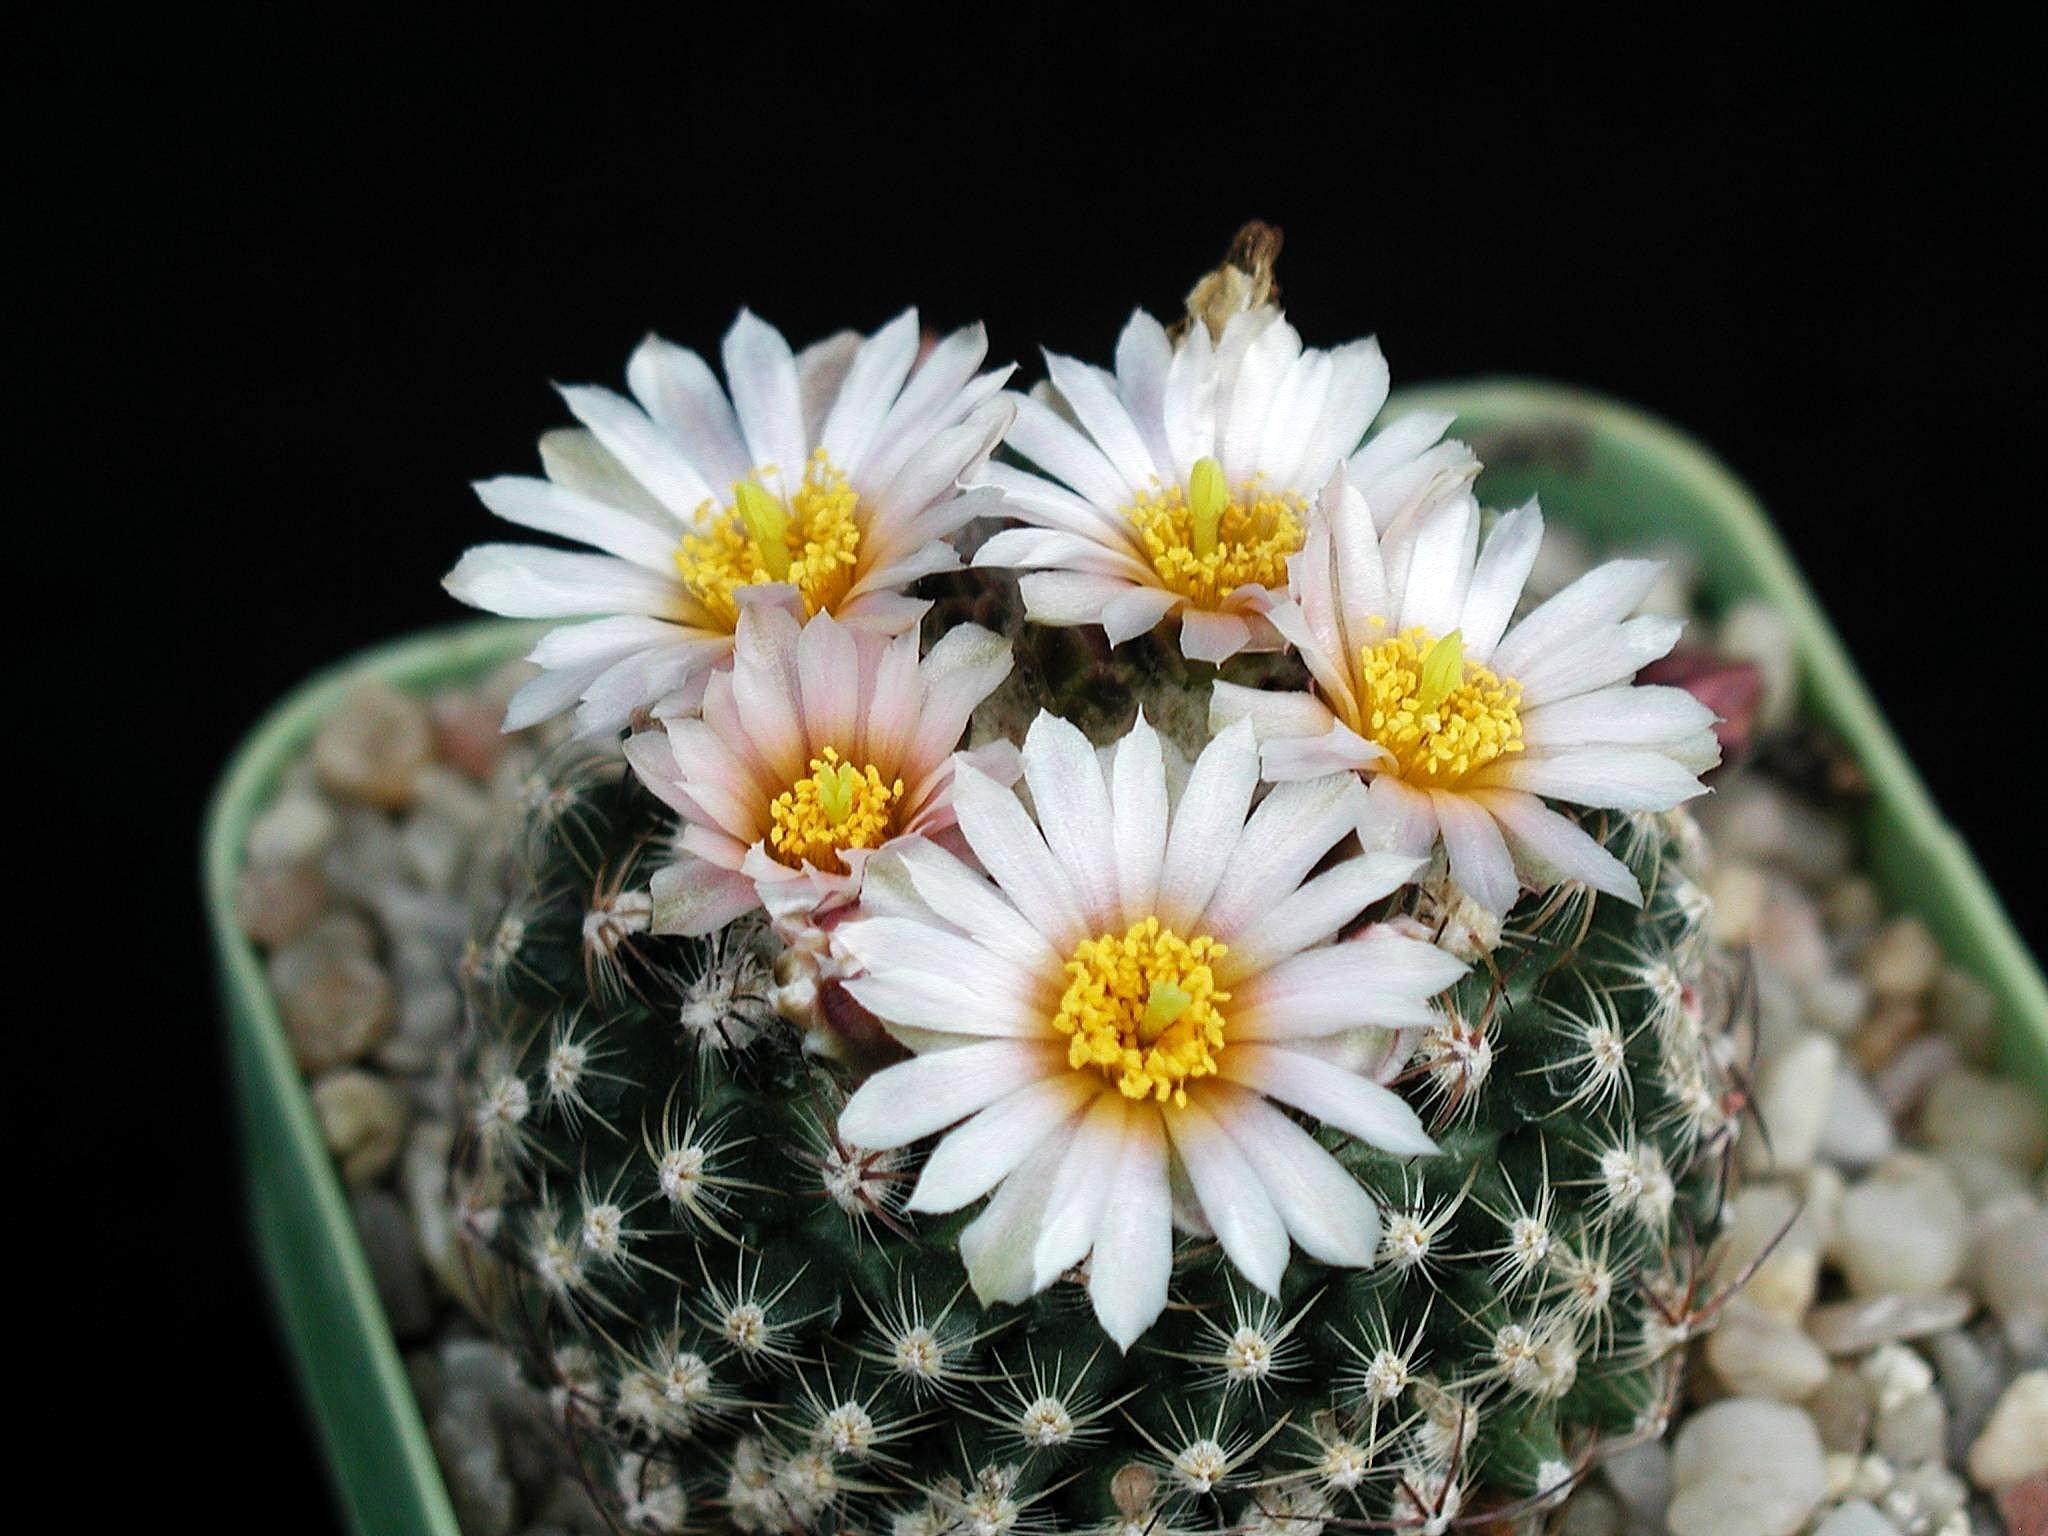 cây xương rồng, hình ảnh, hoa màu vàng mật hoa, cánh hoa màu trắng